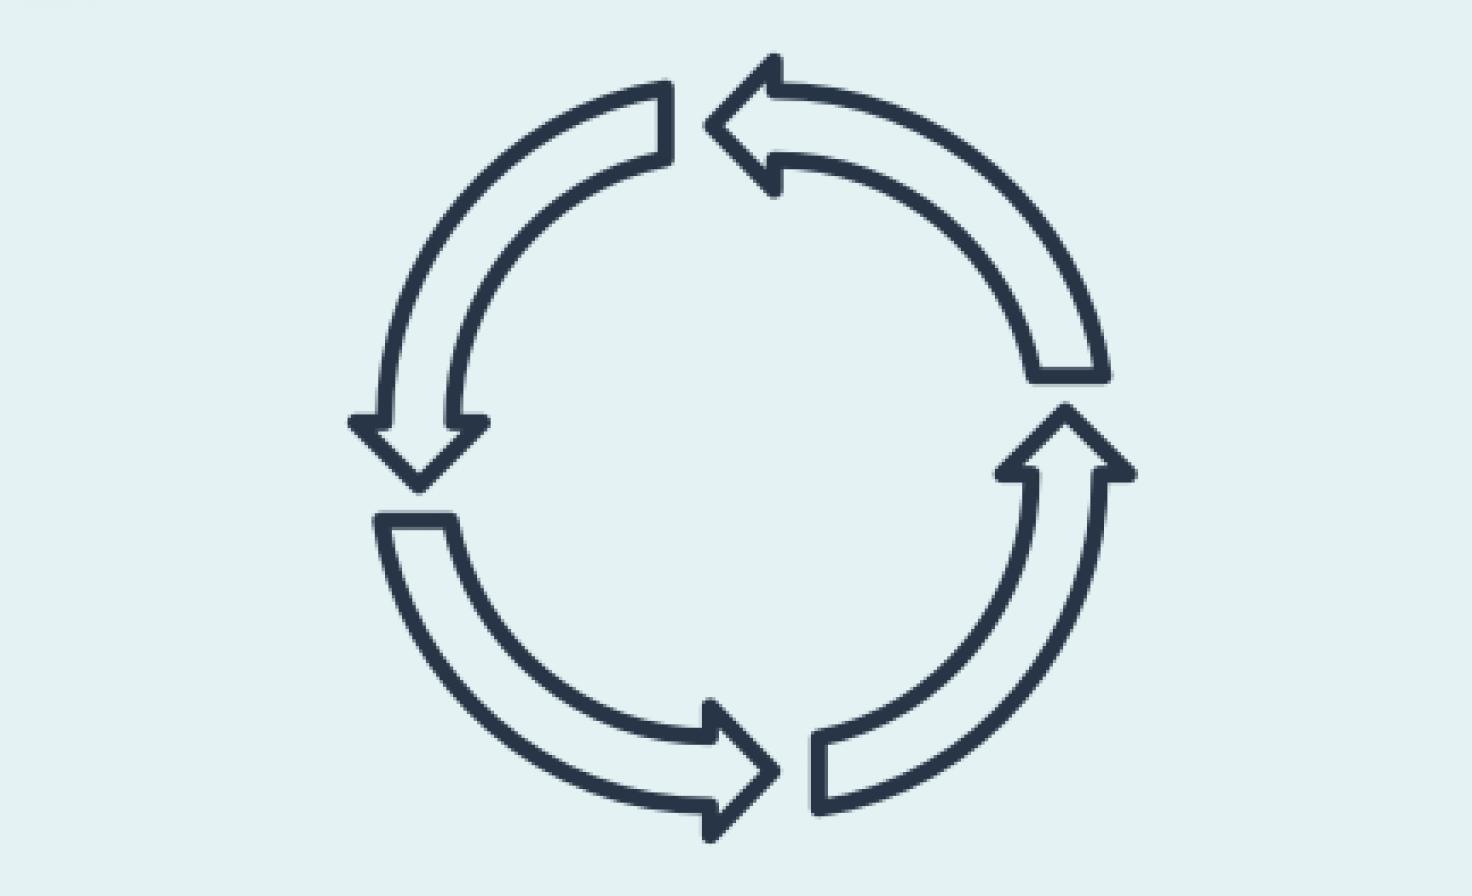 Schematische Darstellung mit Pfeilen, die auf einen Kreis zeigen